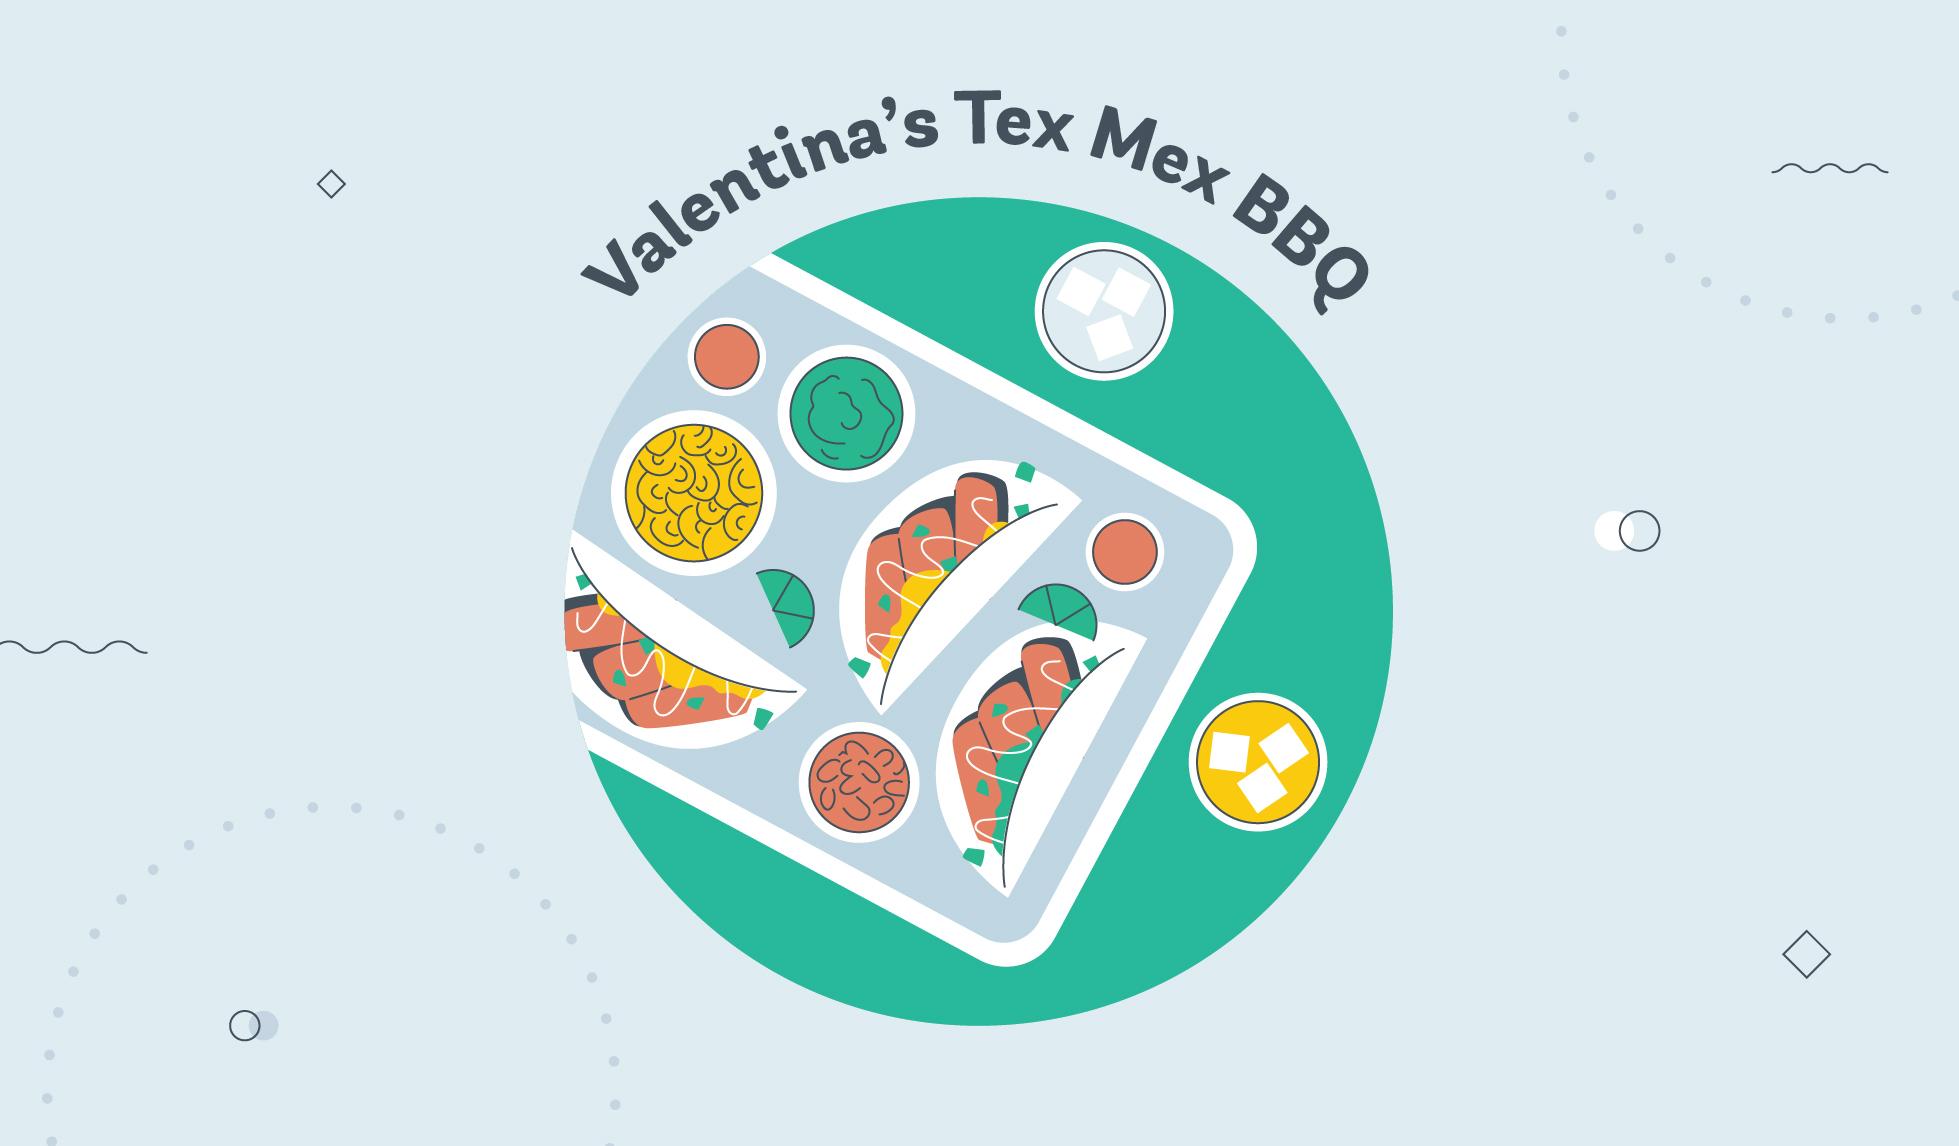 Valentina's Tex Mex BBQ graphic